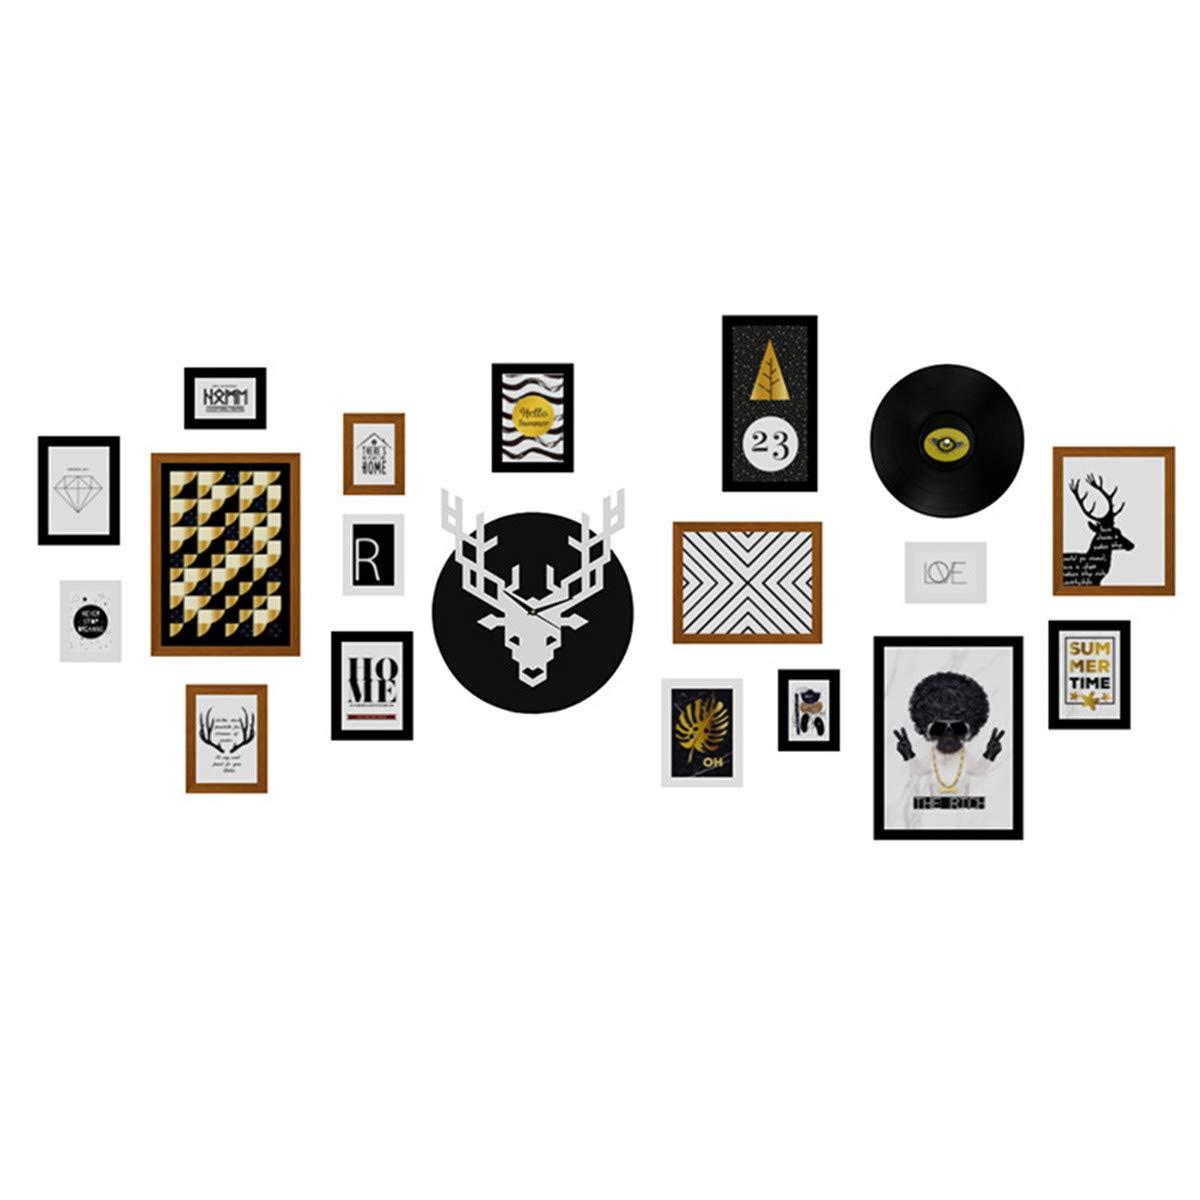 Tierkreishundefotowanduhr kombinierte Bilderrahmenwand reiche dekorative Bilderrahmen-Fotowand, Buchhaltung für Wandbereich 216  101cm, schwarzes weißes Braun   17 Kasten + Elchuhr + Aufzeichnung (ausschließlich die Einzelteile in den Re